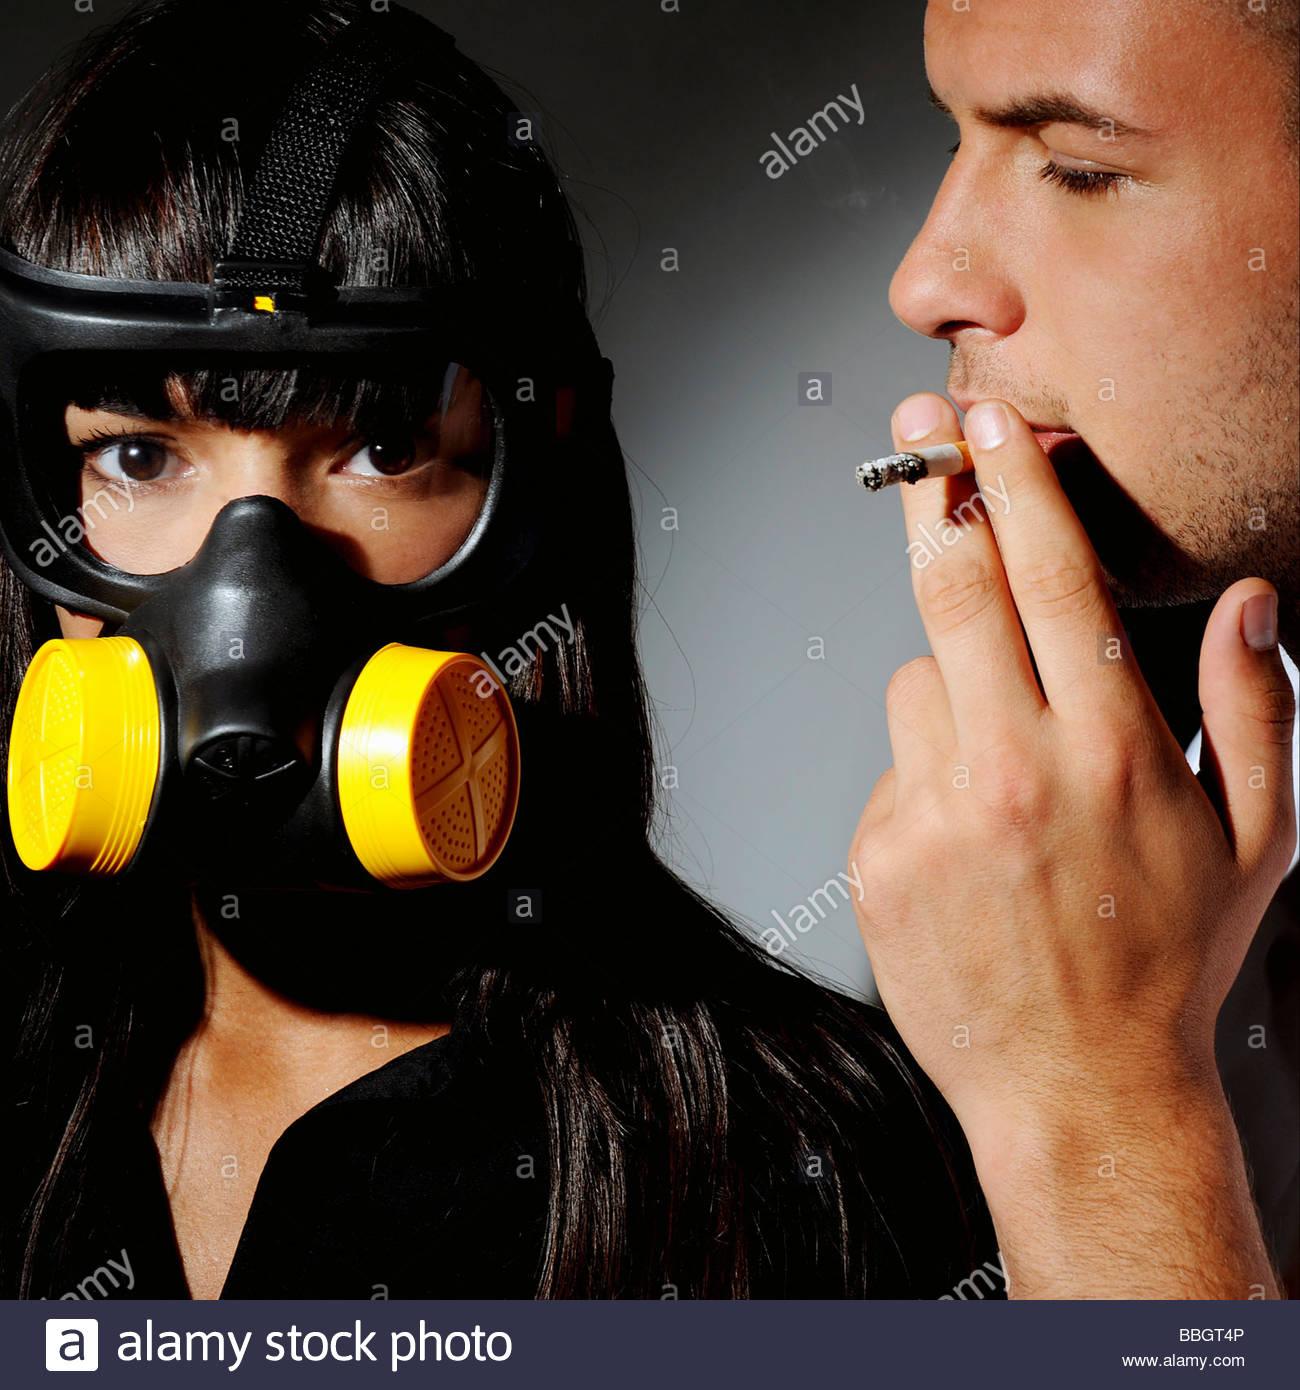 Nicht Raucher stehen neben ein Raucher, Studio gedreht Stockbild